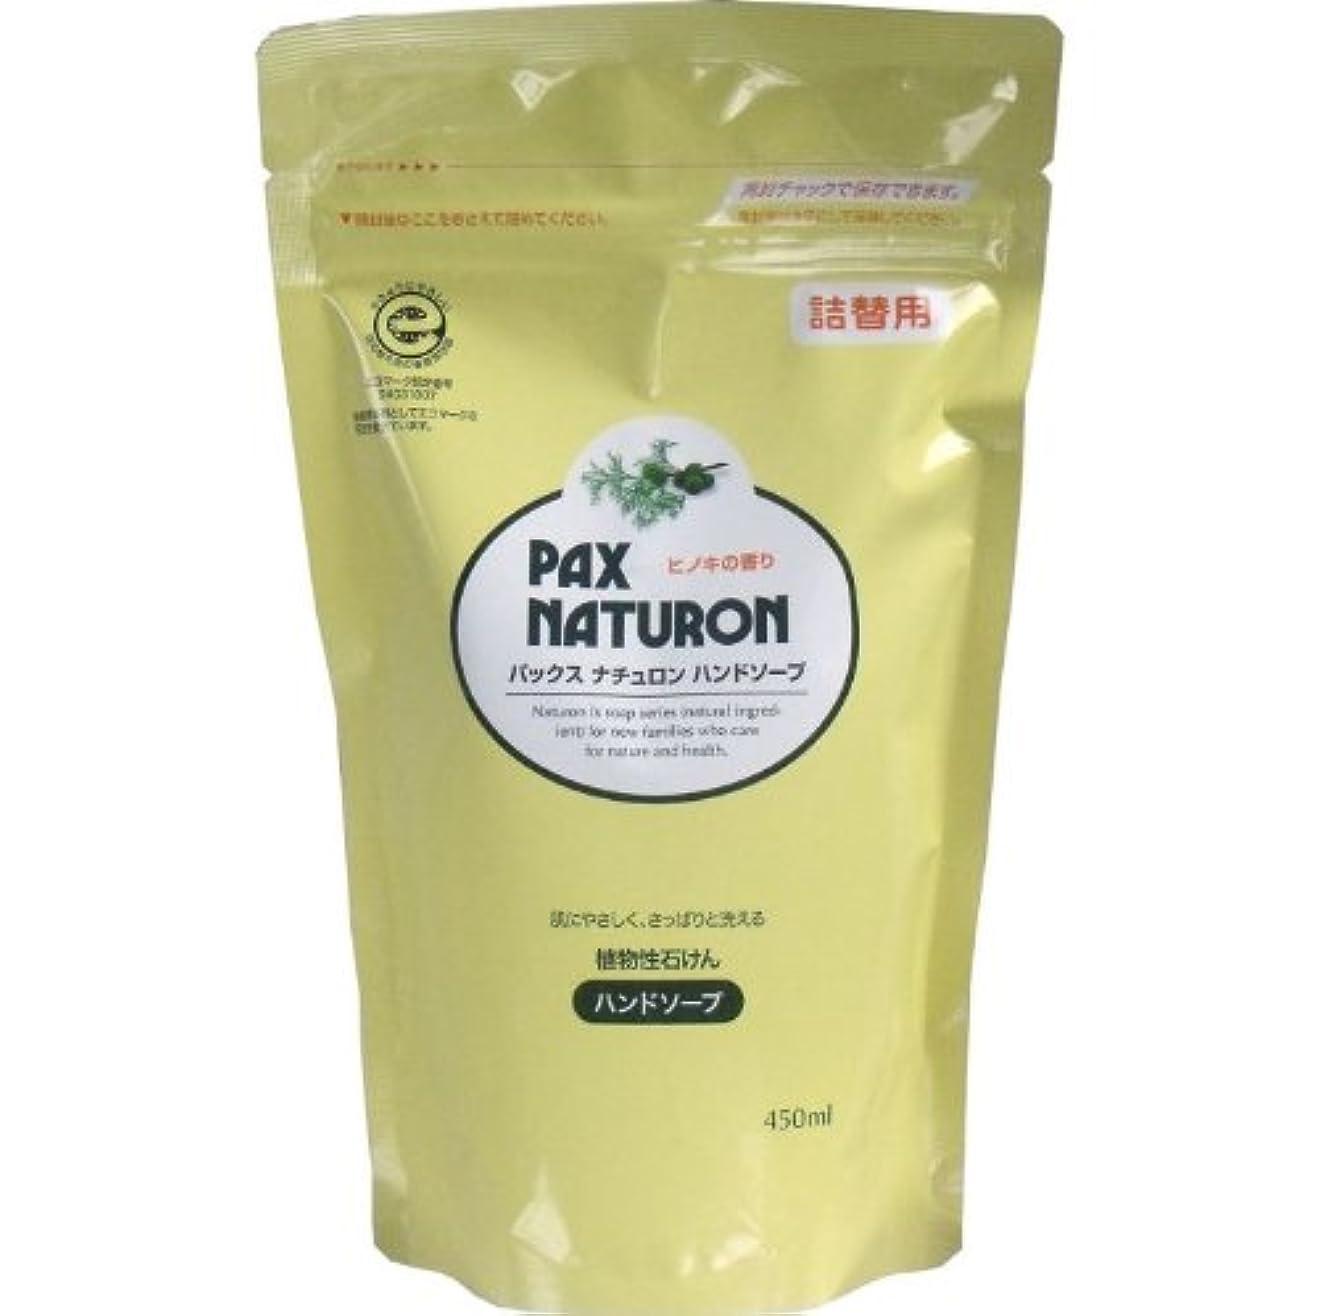 対立大混乱コレクション肌にやさしく、さっぱりと洗える植物性石けん!植物性ハンドソープ 詰替用 450mL